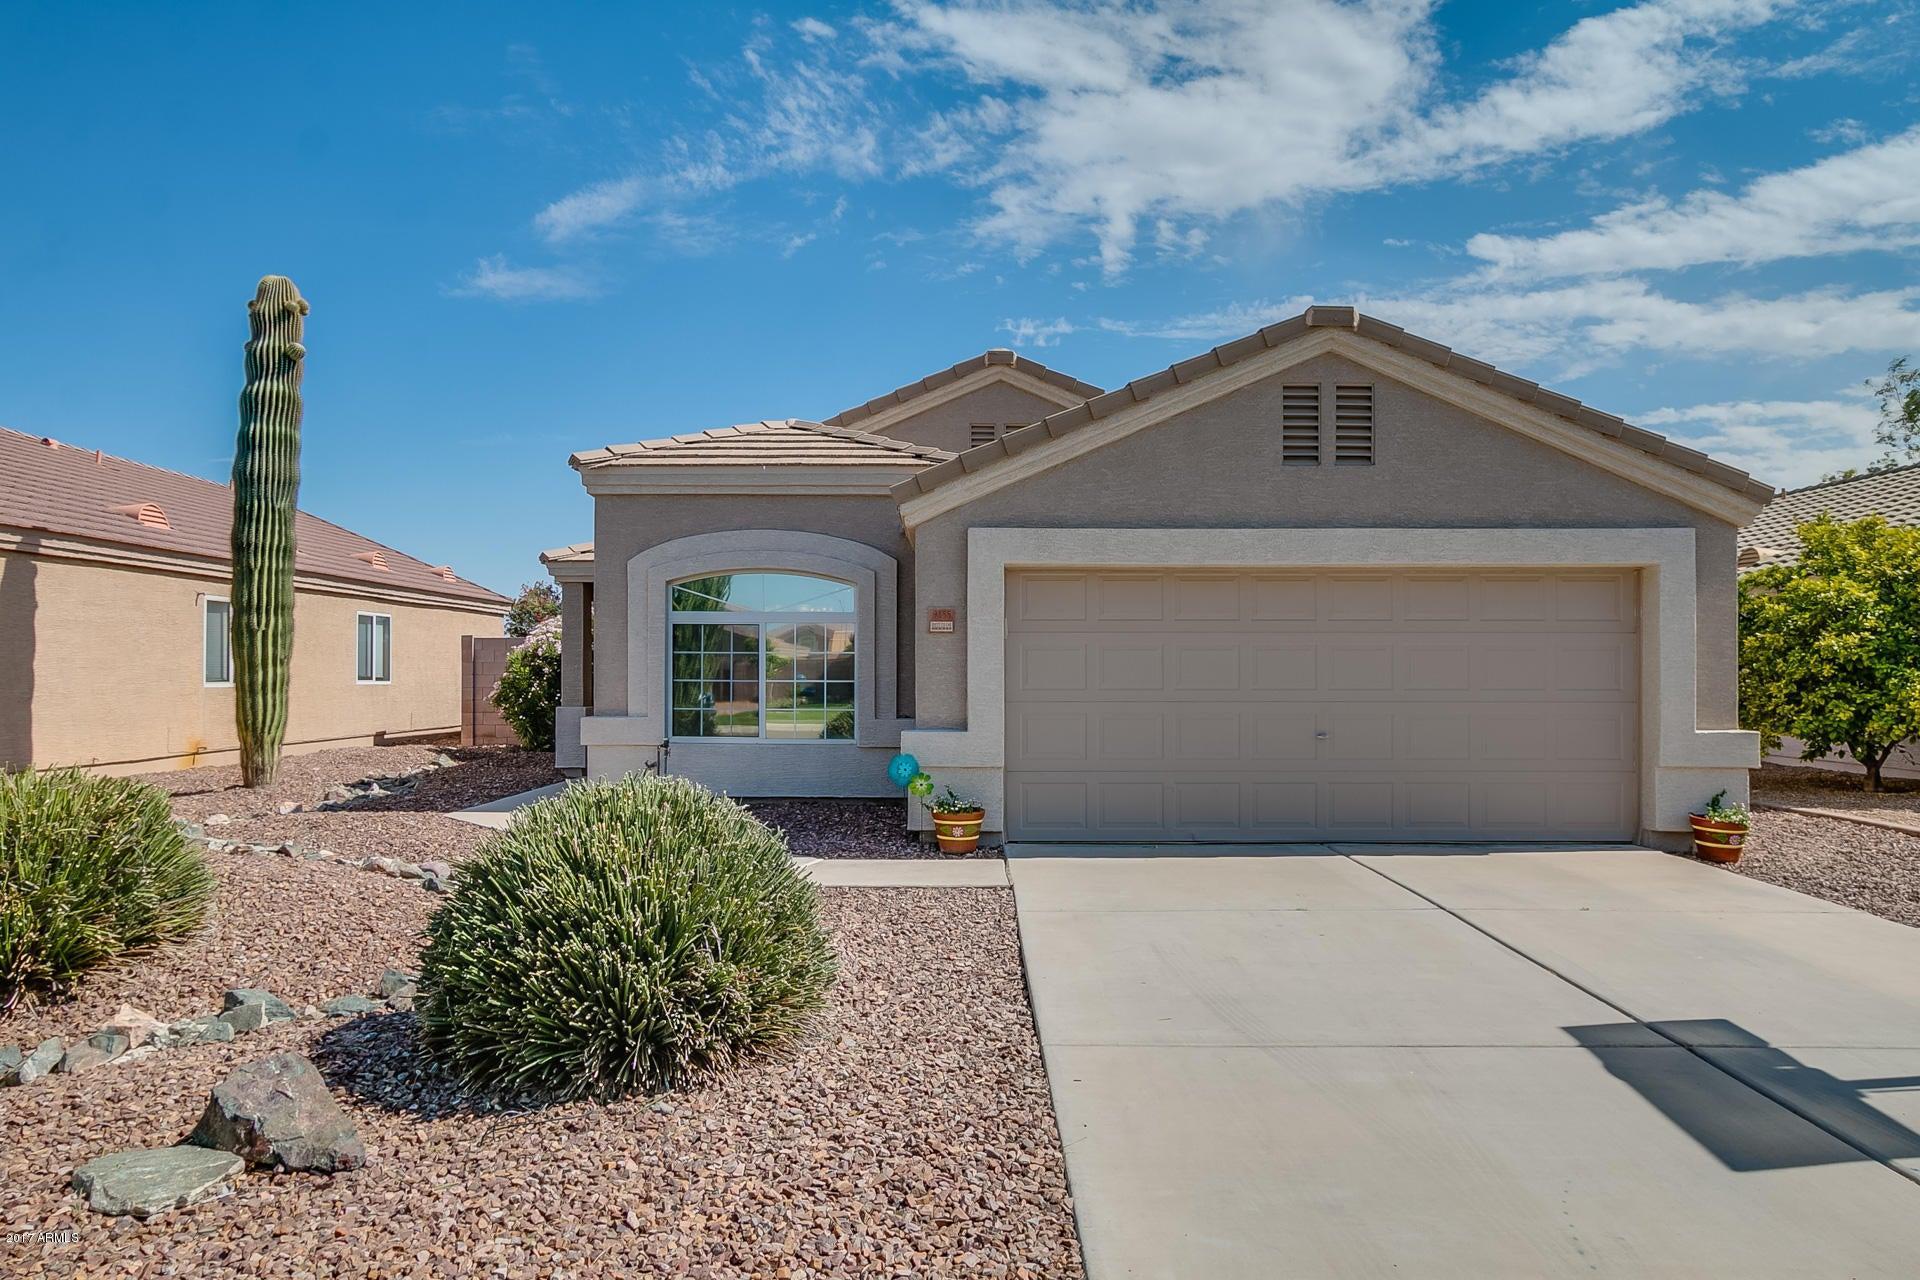 9155 W HARMONY Lane, Peoria, AZ 85382